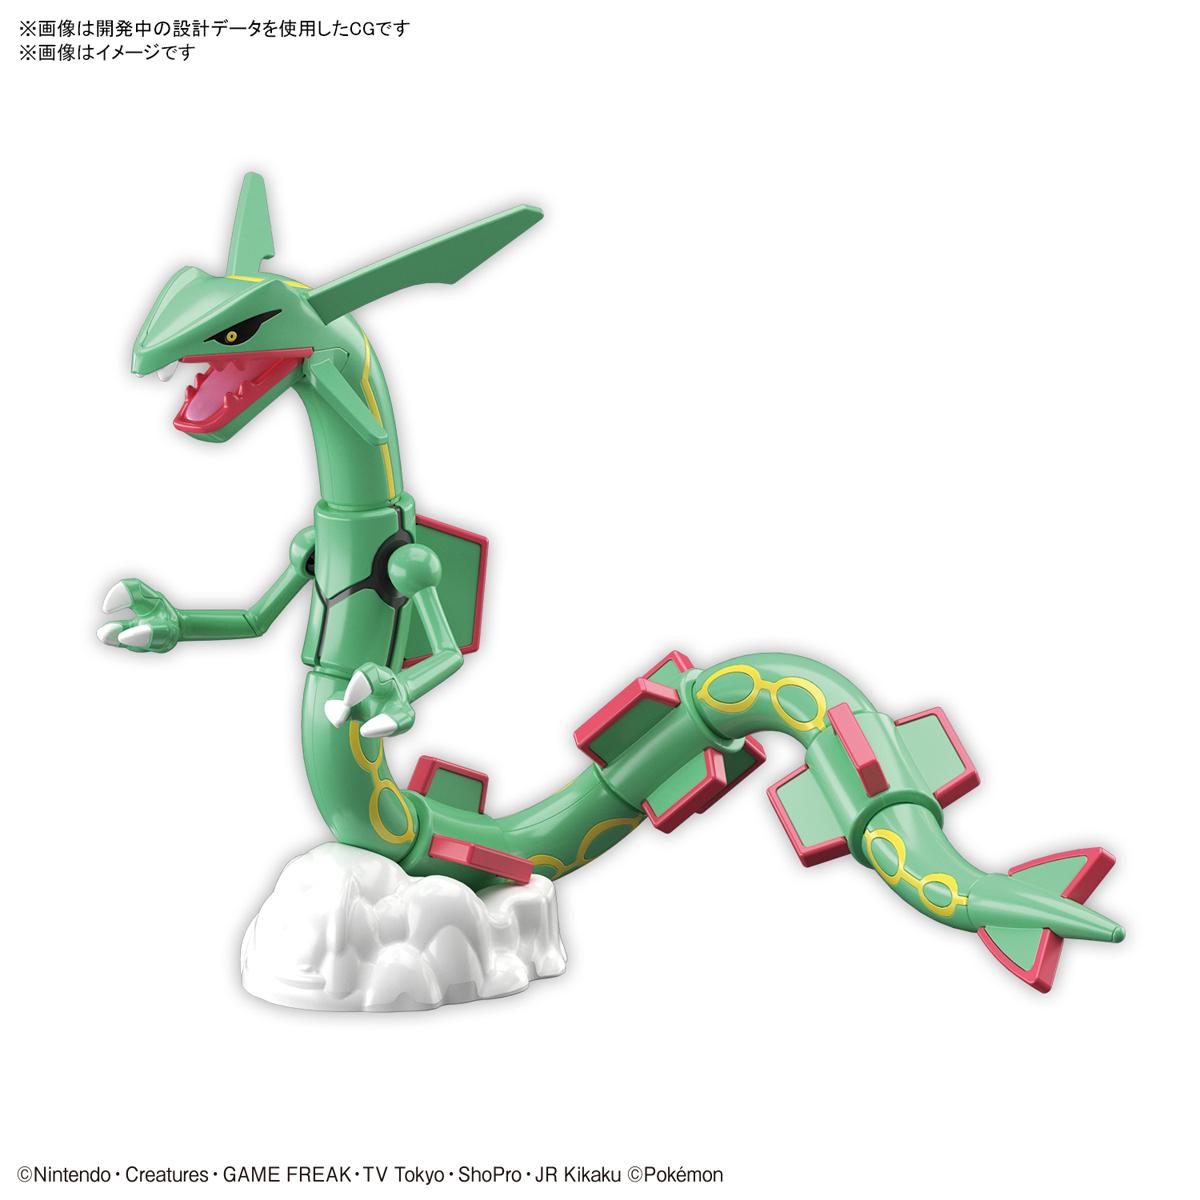 ポケモンプラモコレクション 46 セレクトシリーズ『レックウザ』プラモデル-001